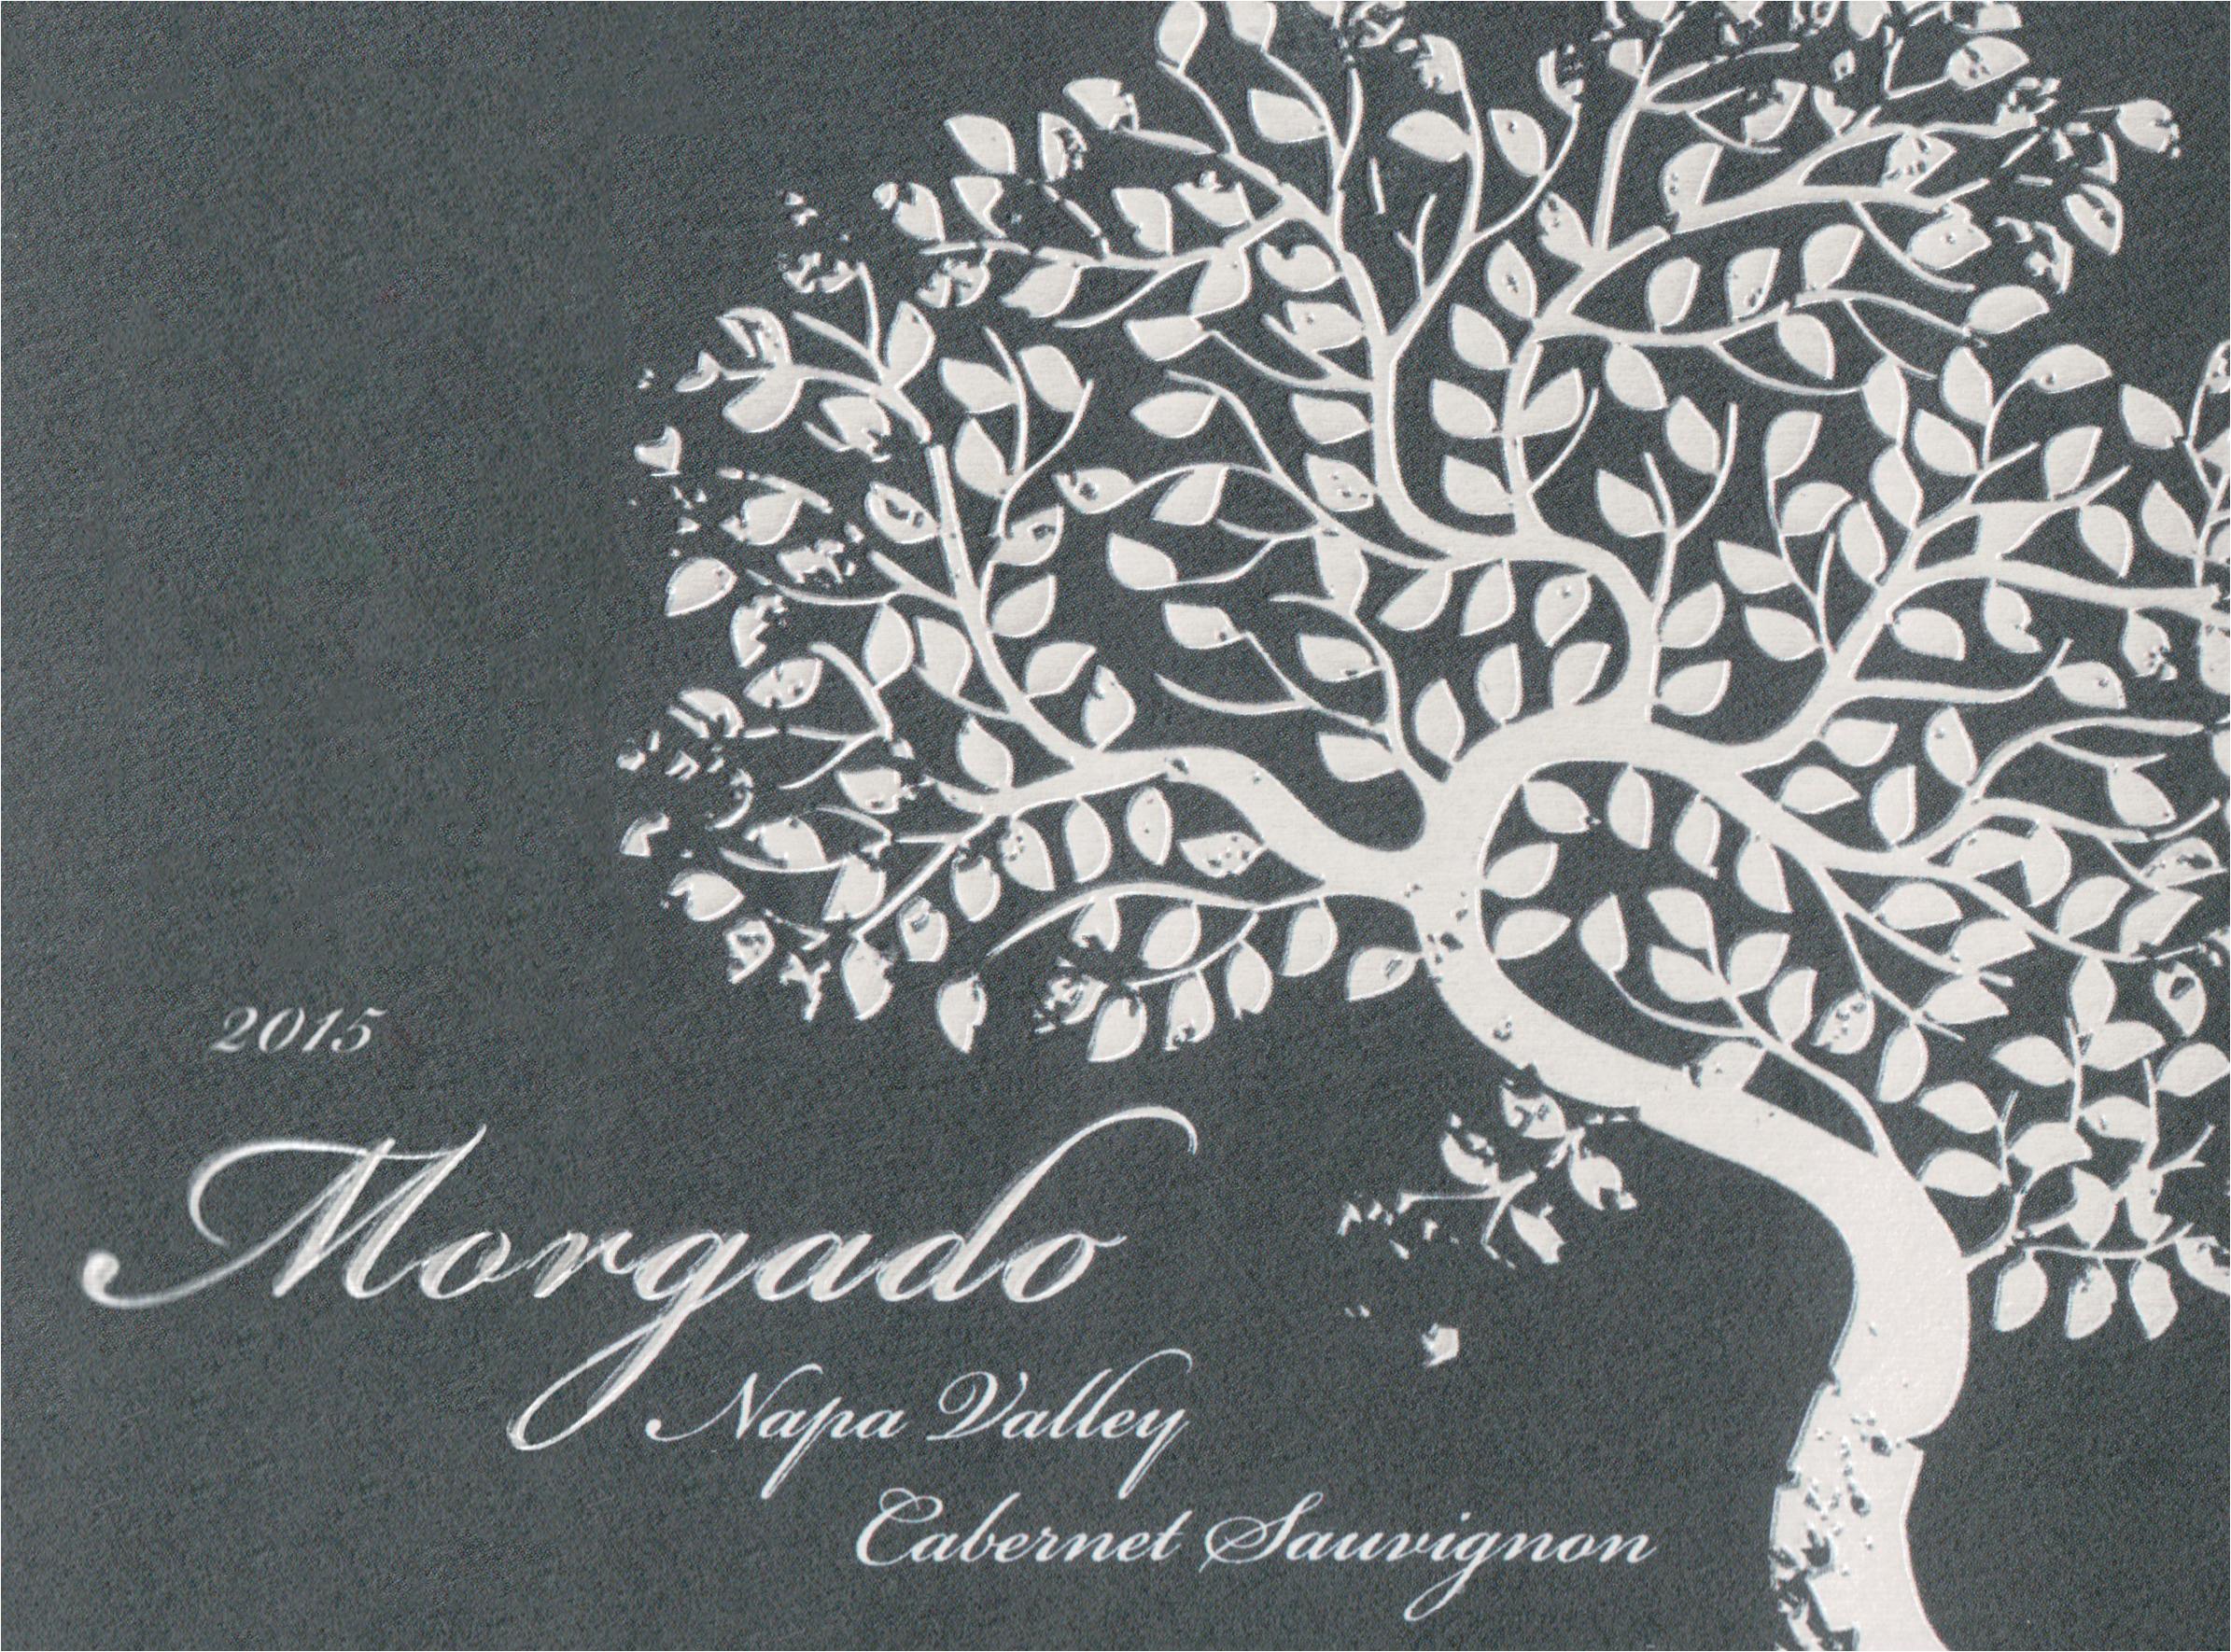 Morgado Cellars Cabernet Sauvignon Sugarloaf Mountain 2015